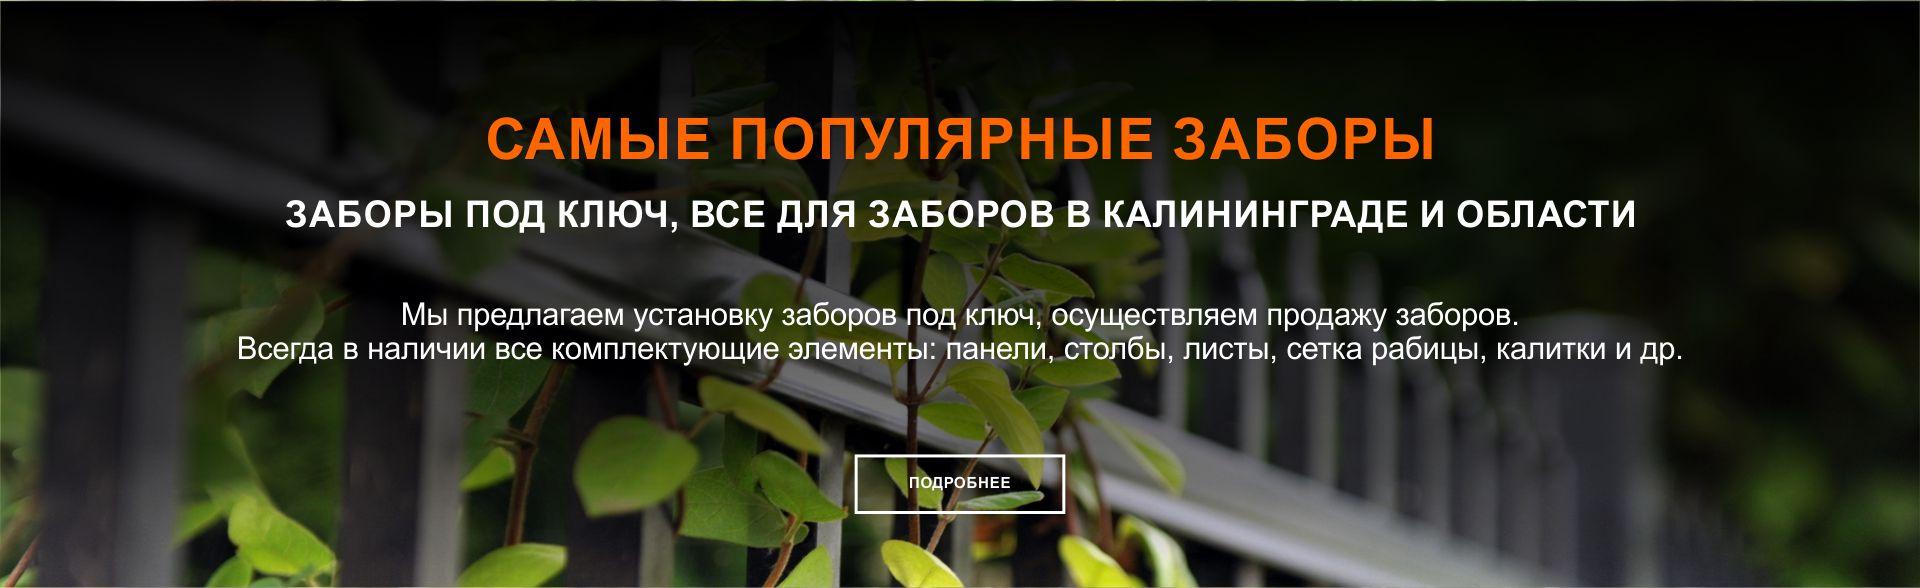 Самые популярные заборы в Калининграде